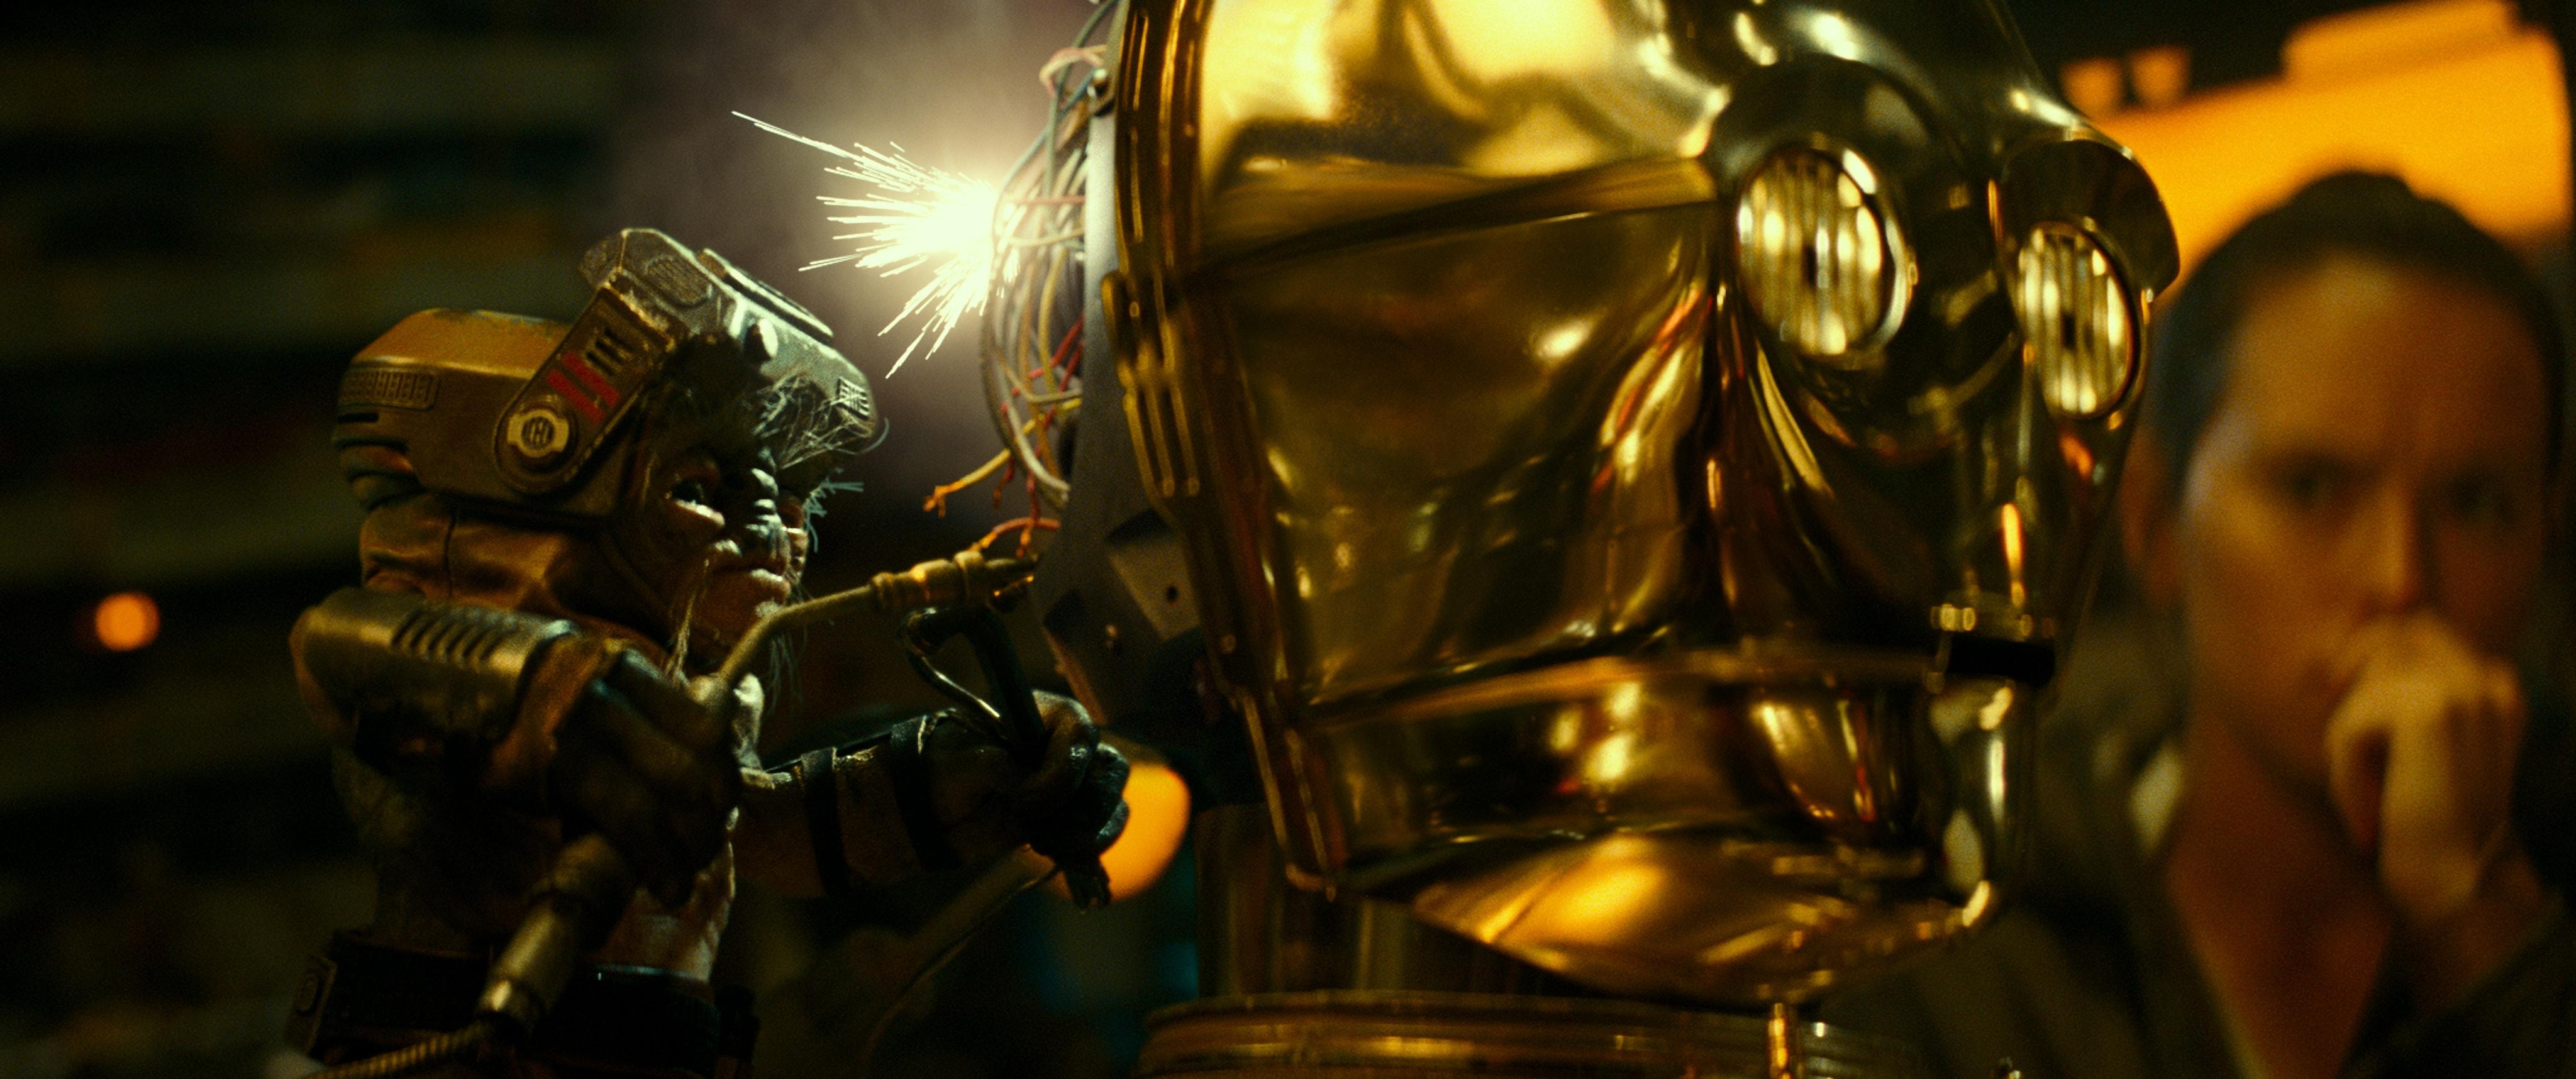 The Rise of Skywalker Final Trailer Breakdown